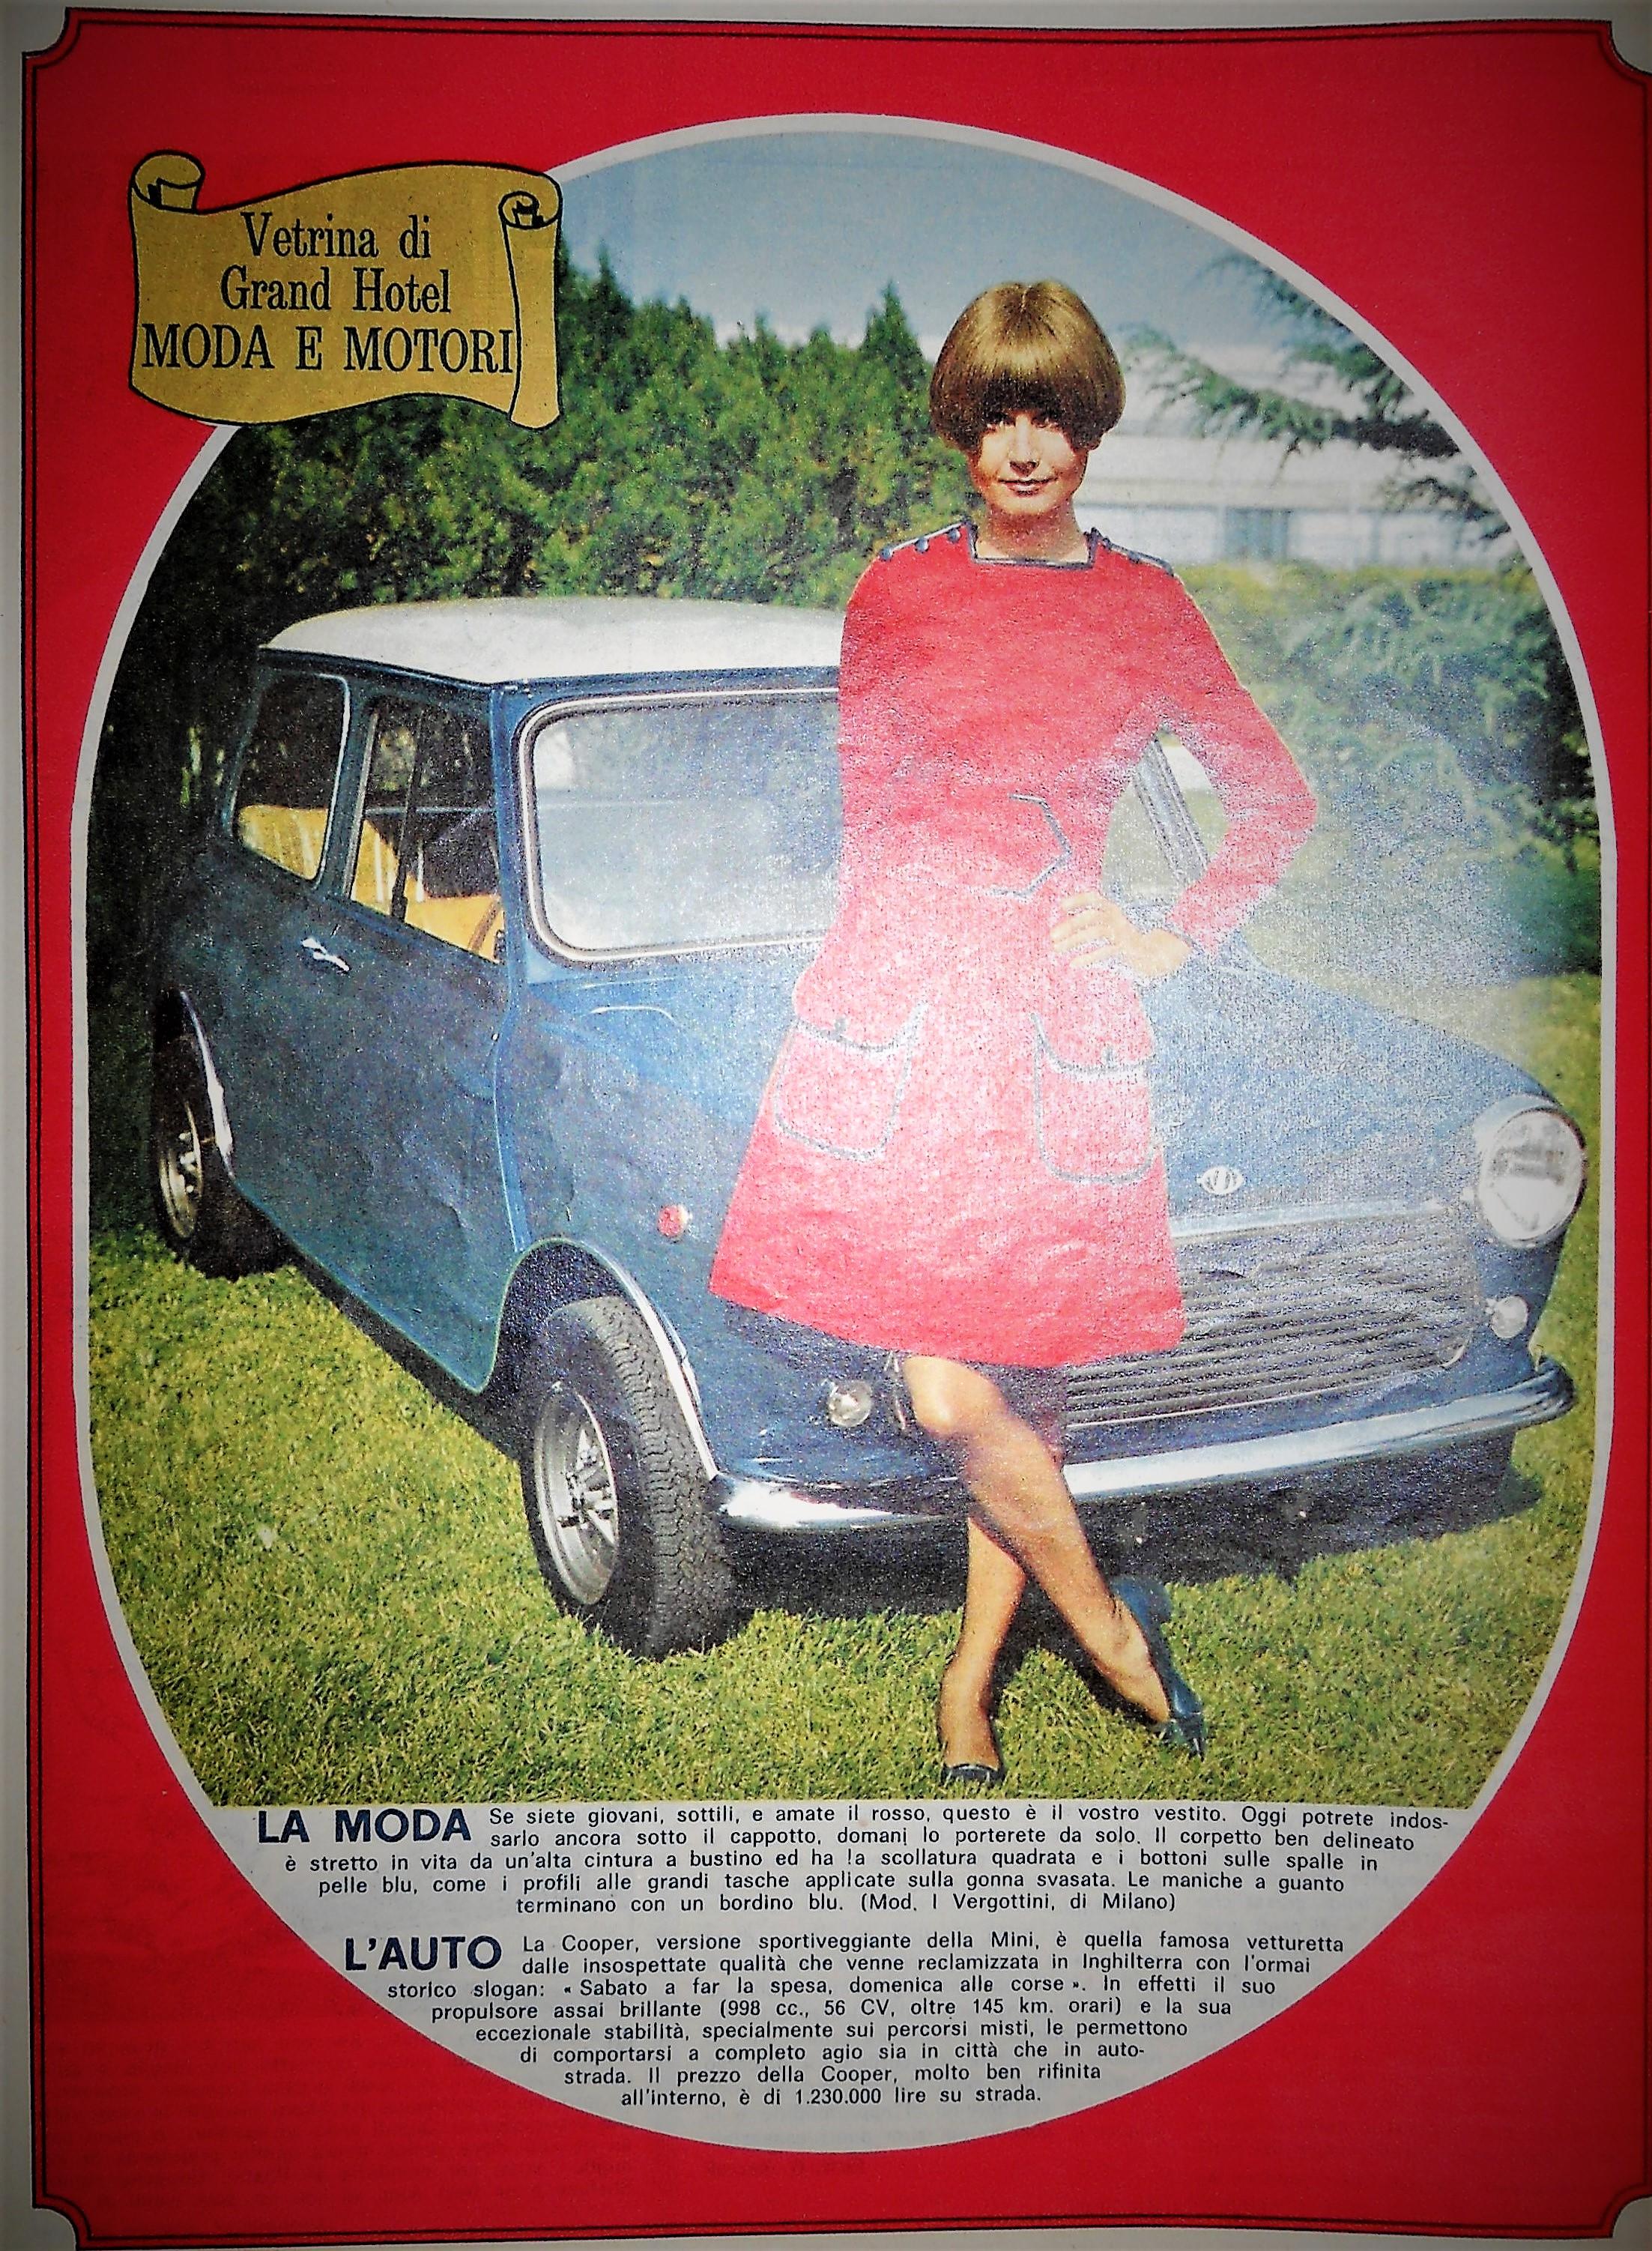 Mini Cooper, la versione sportiva della Mini anni 60